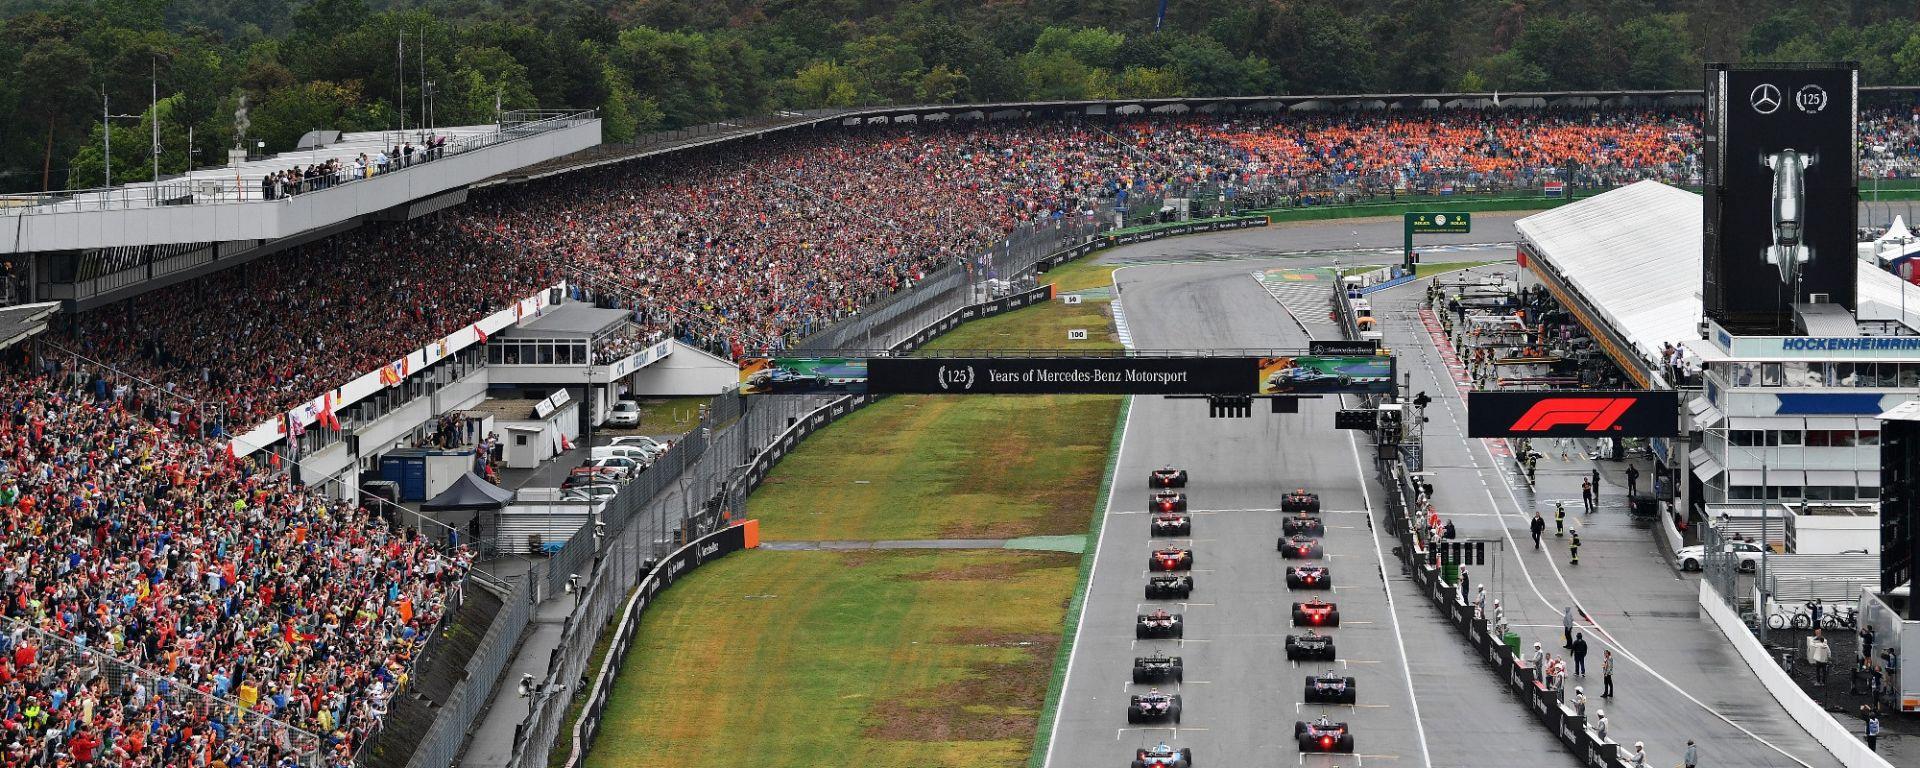 La partenza del GP di Germania 2019 a Hockenheim